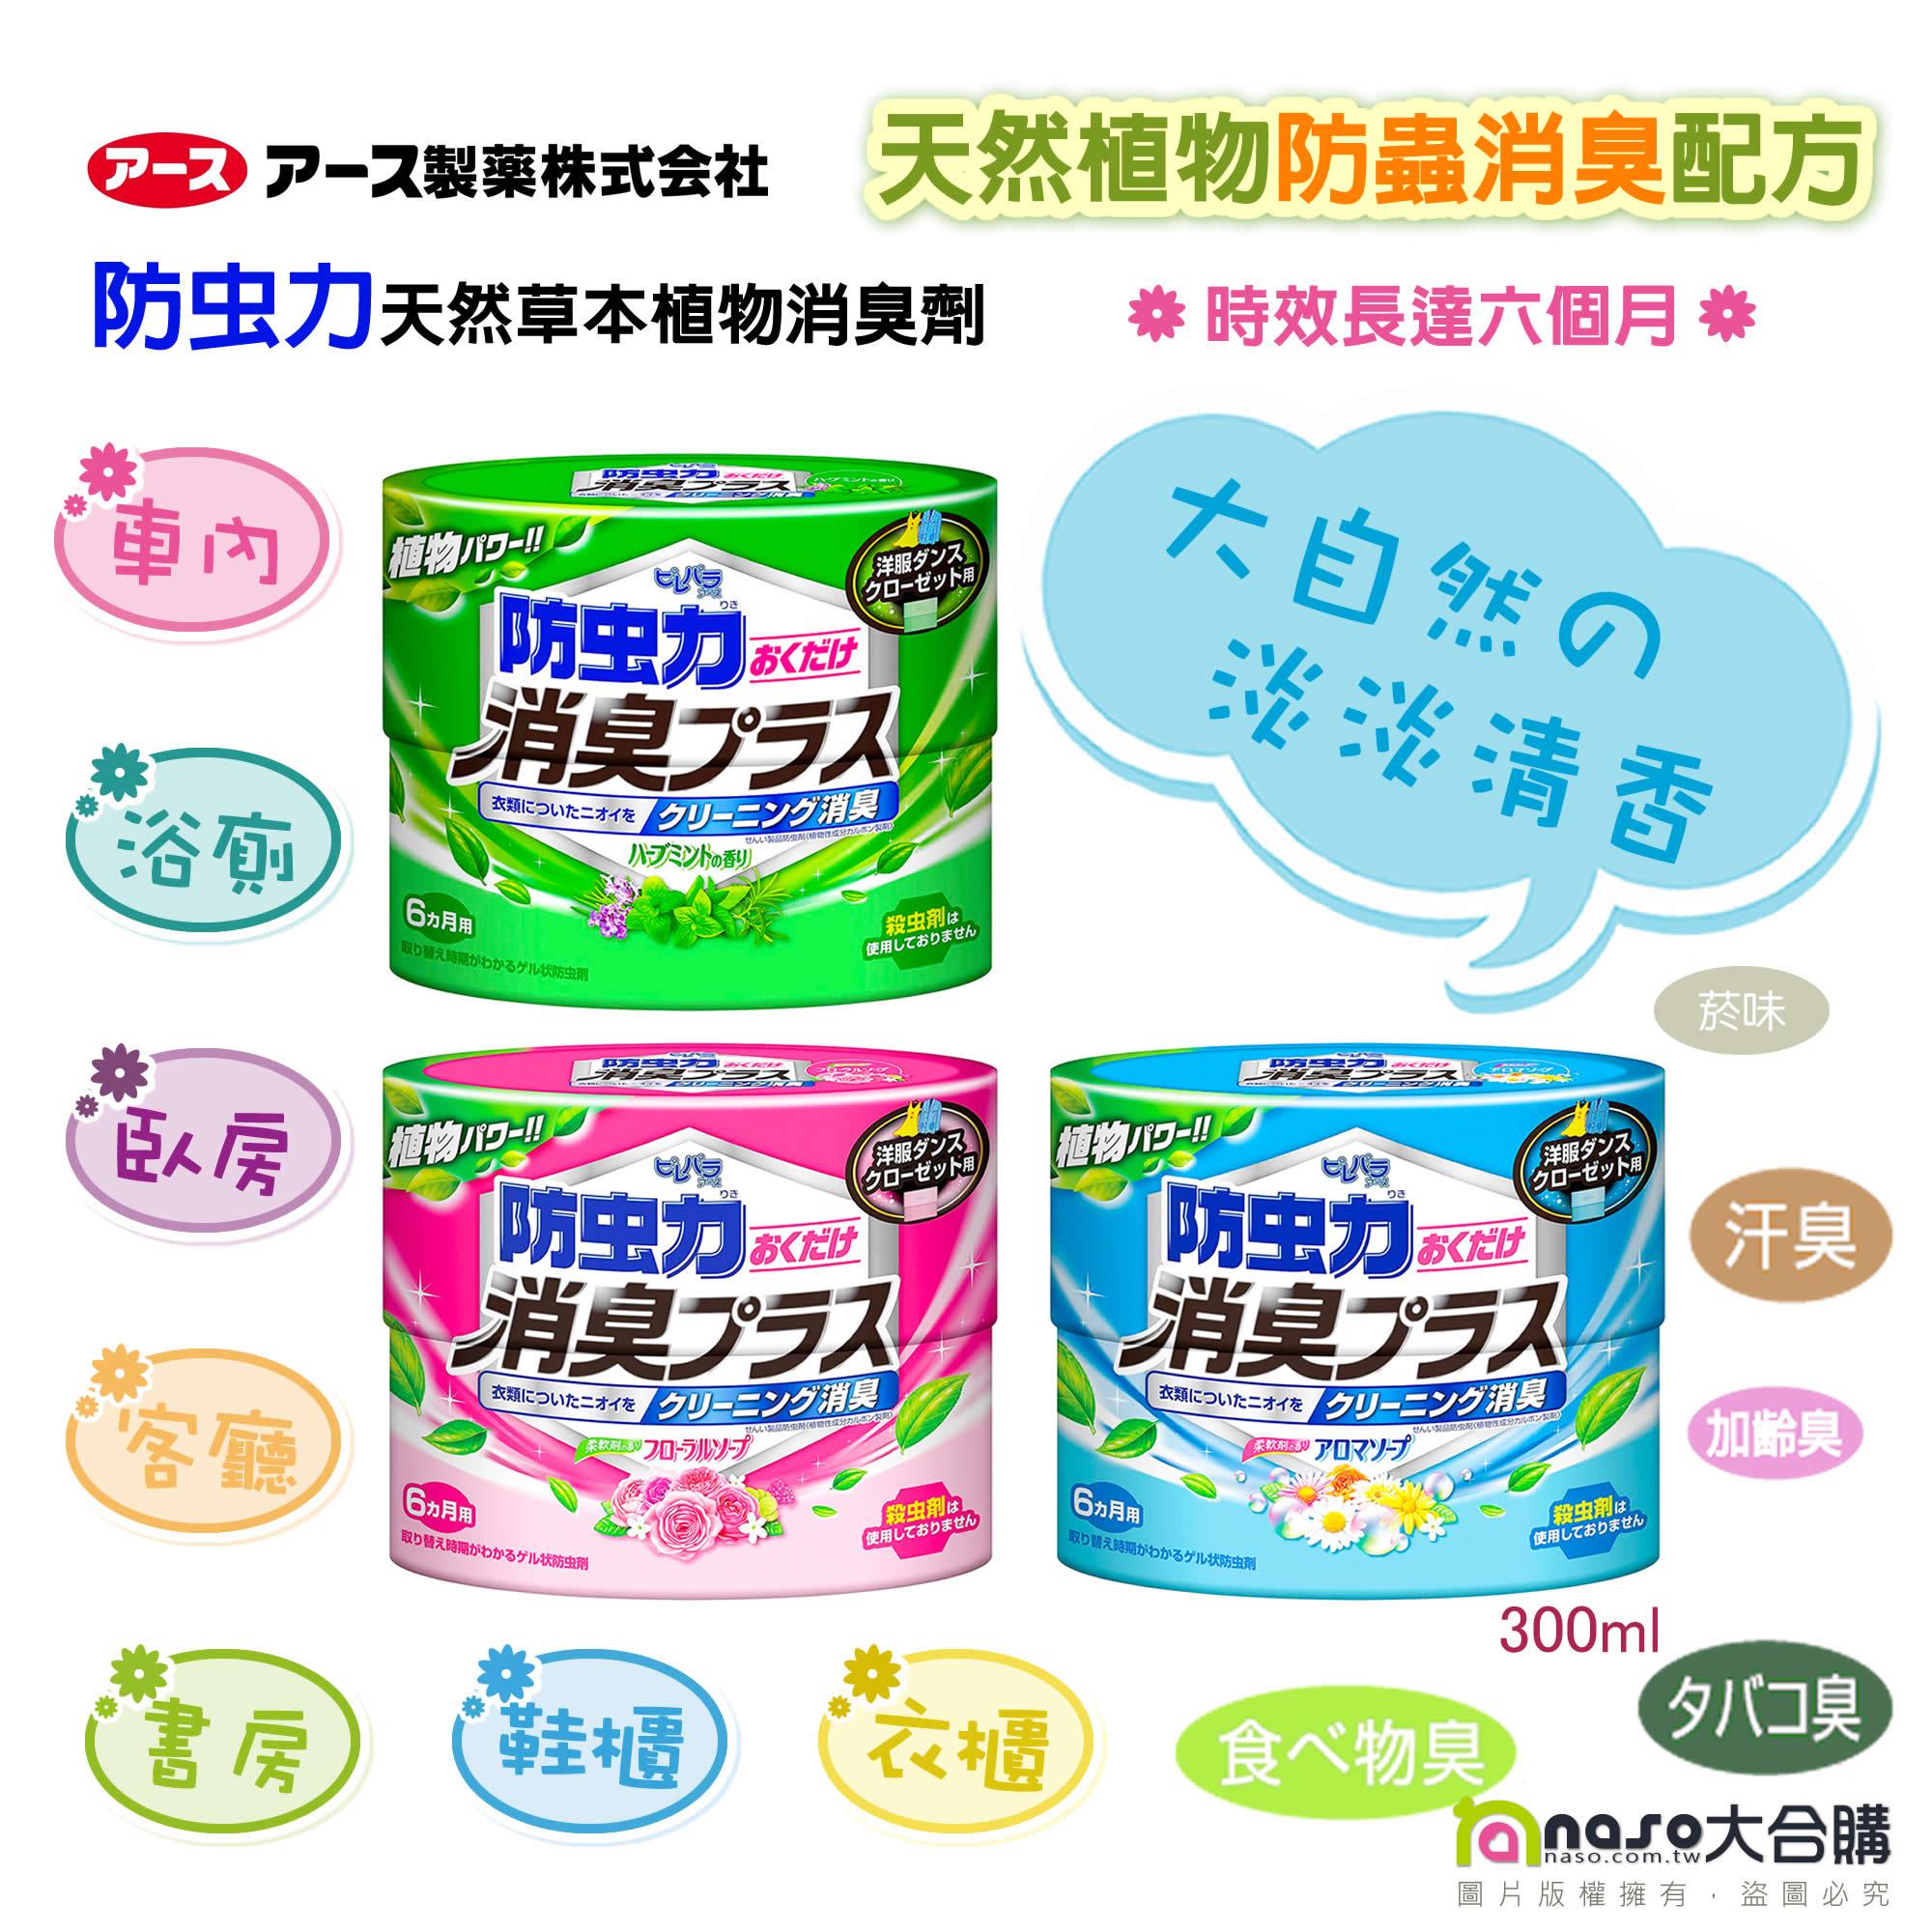 日本EARTH製藥 天然草本植物防蟲消臭劑 好評第9團